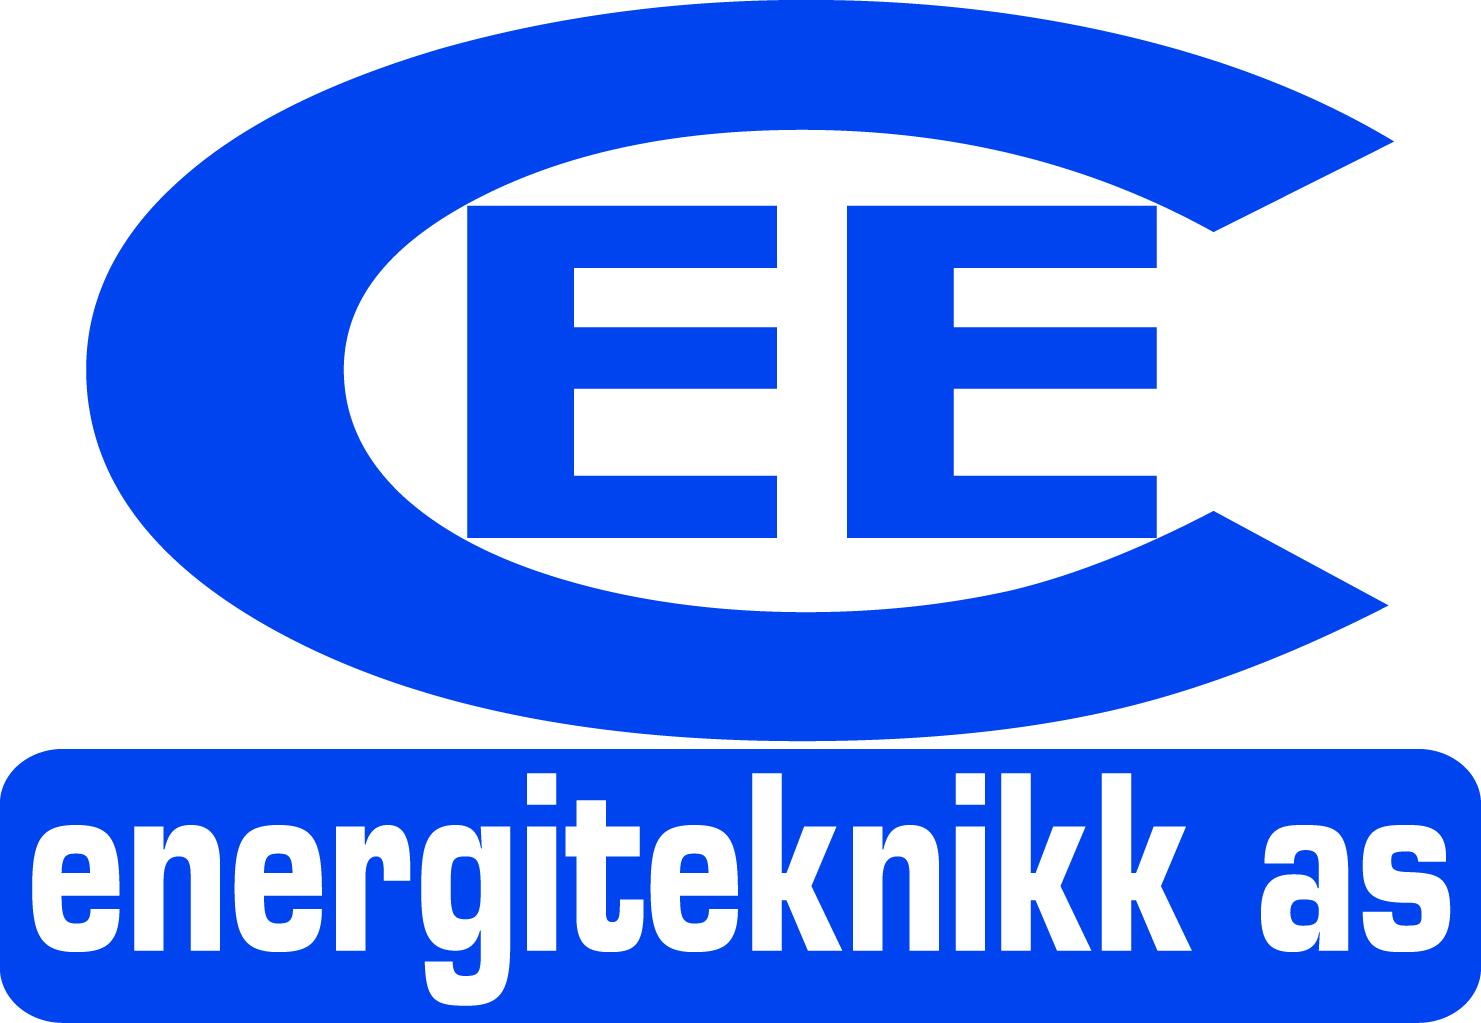 CEE Energiteknikk AS